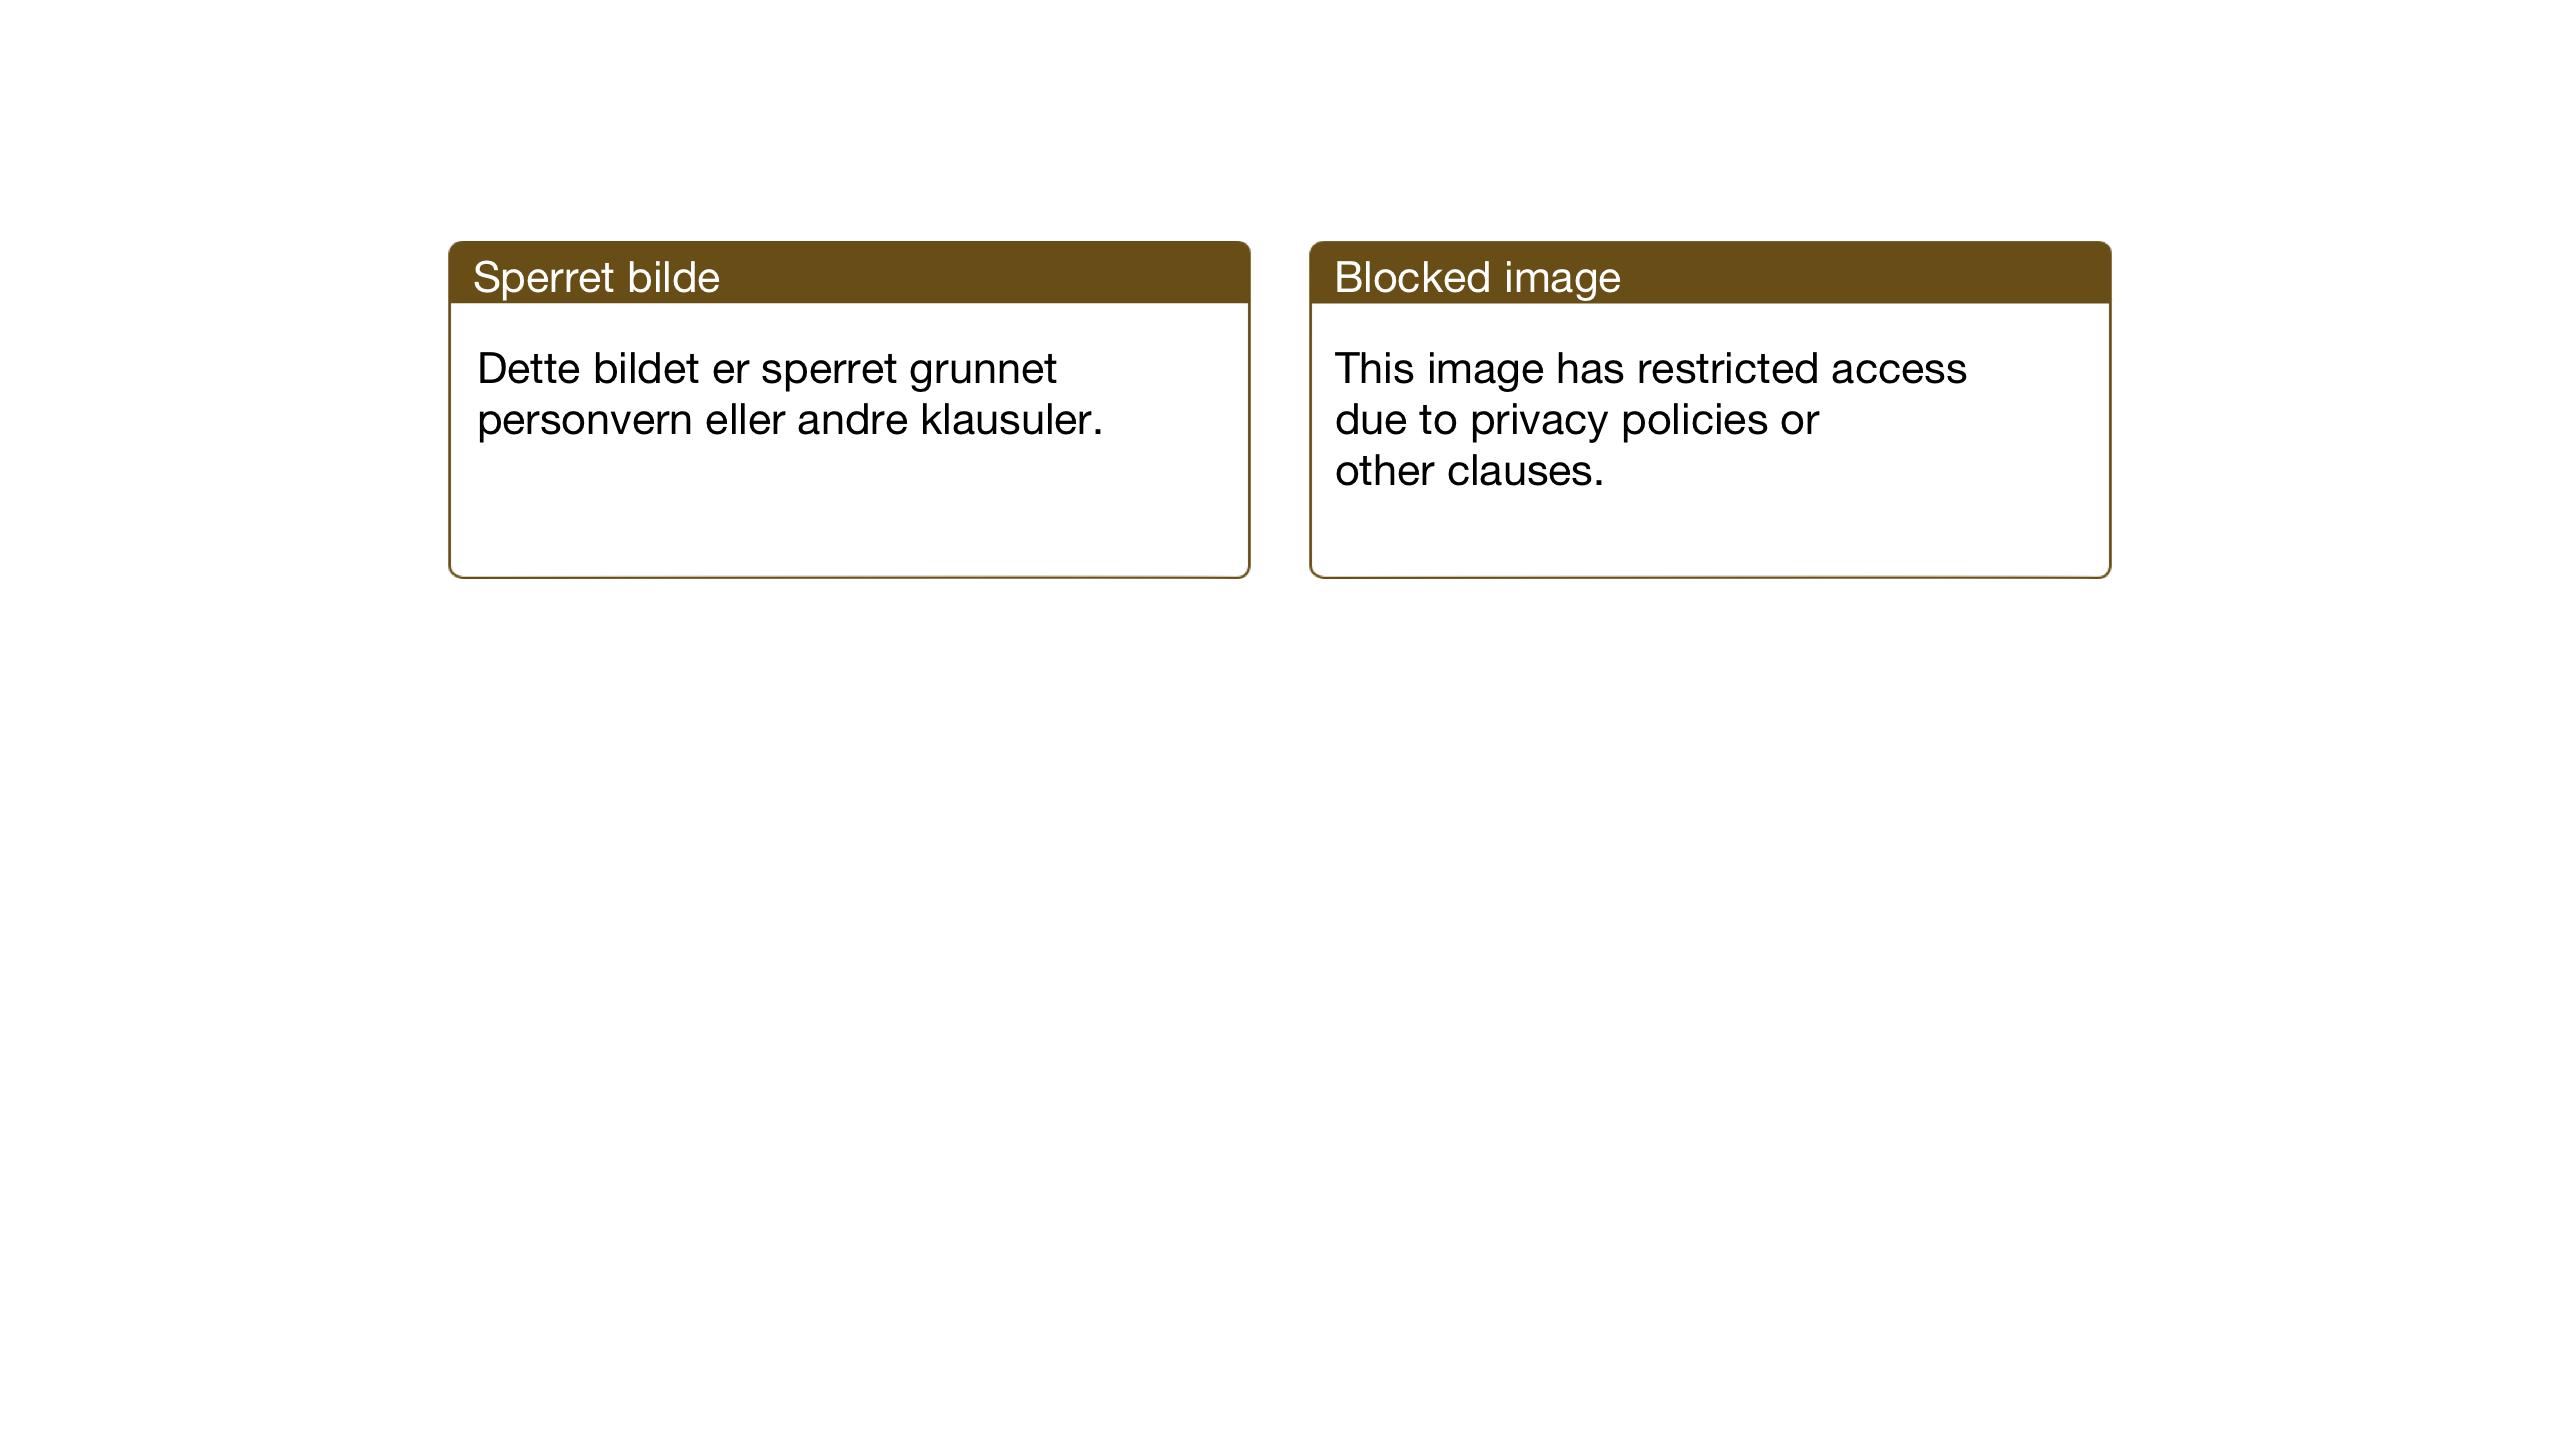 SAT, Ministerialprotokoller, klokkerbøker og fødselsregistre - Nord-Trøndelag, 774/L0630: Klokkerbok nr. 774C01, 1910-1934, s. 76